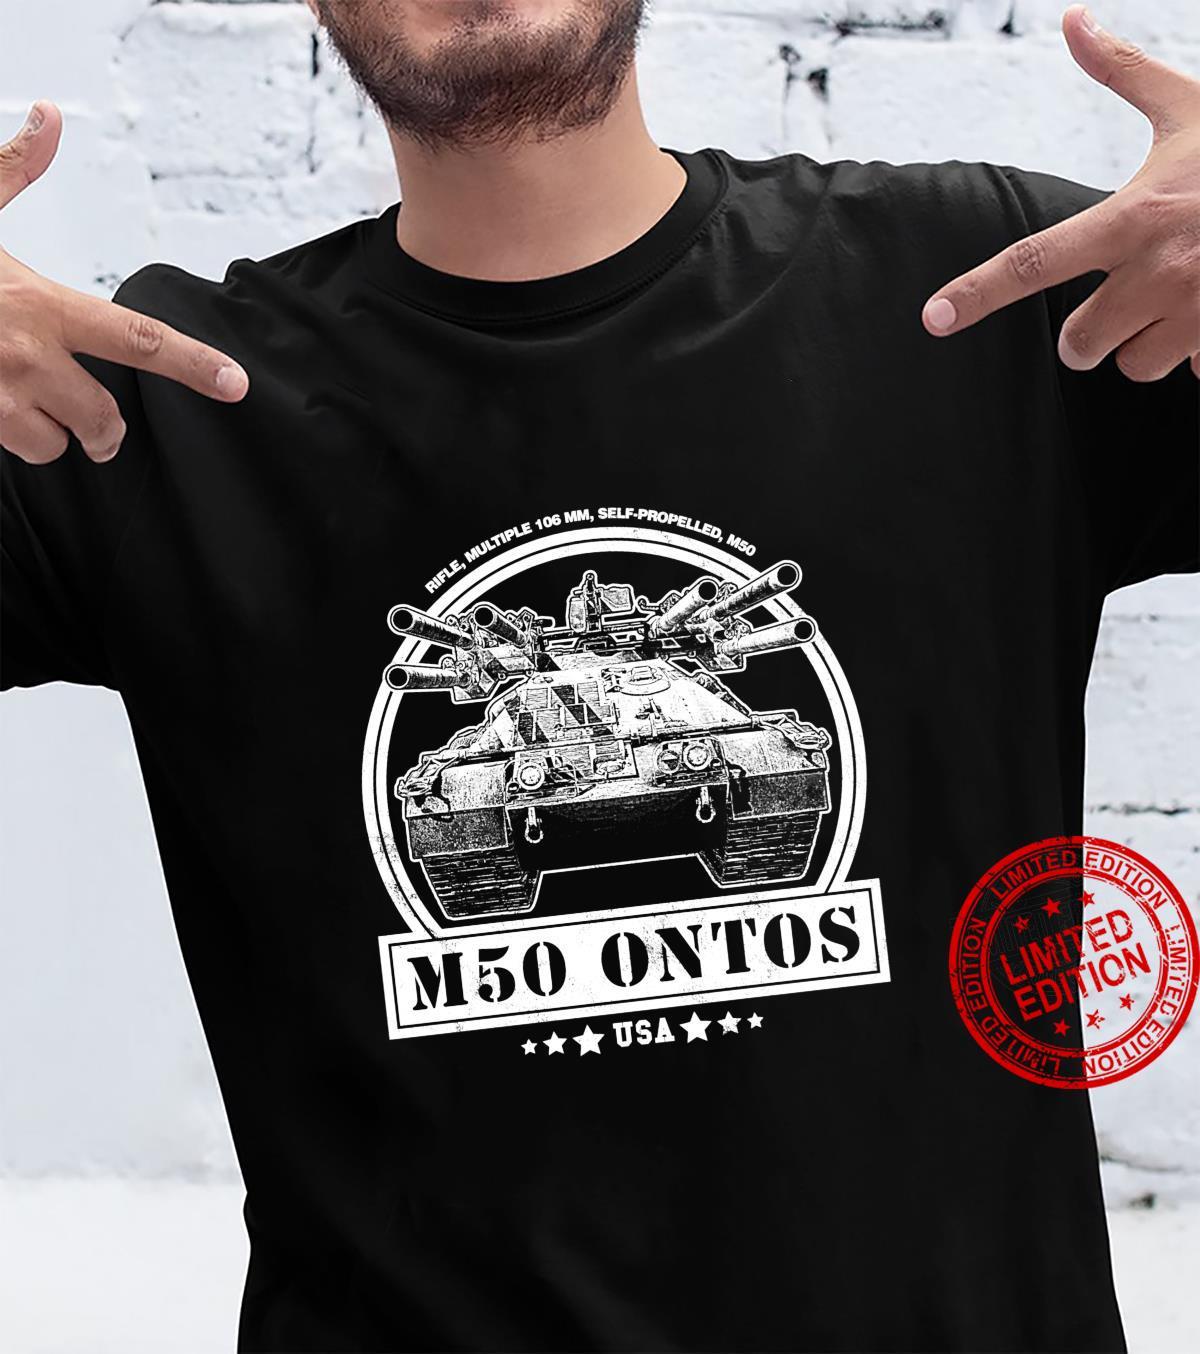 M50 Ontos Thing Tank Destroyer Shirt